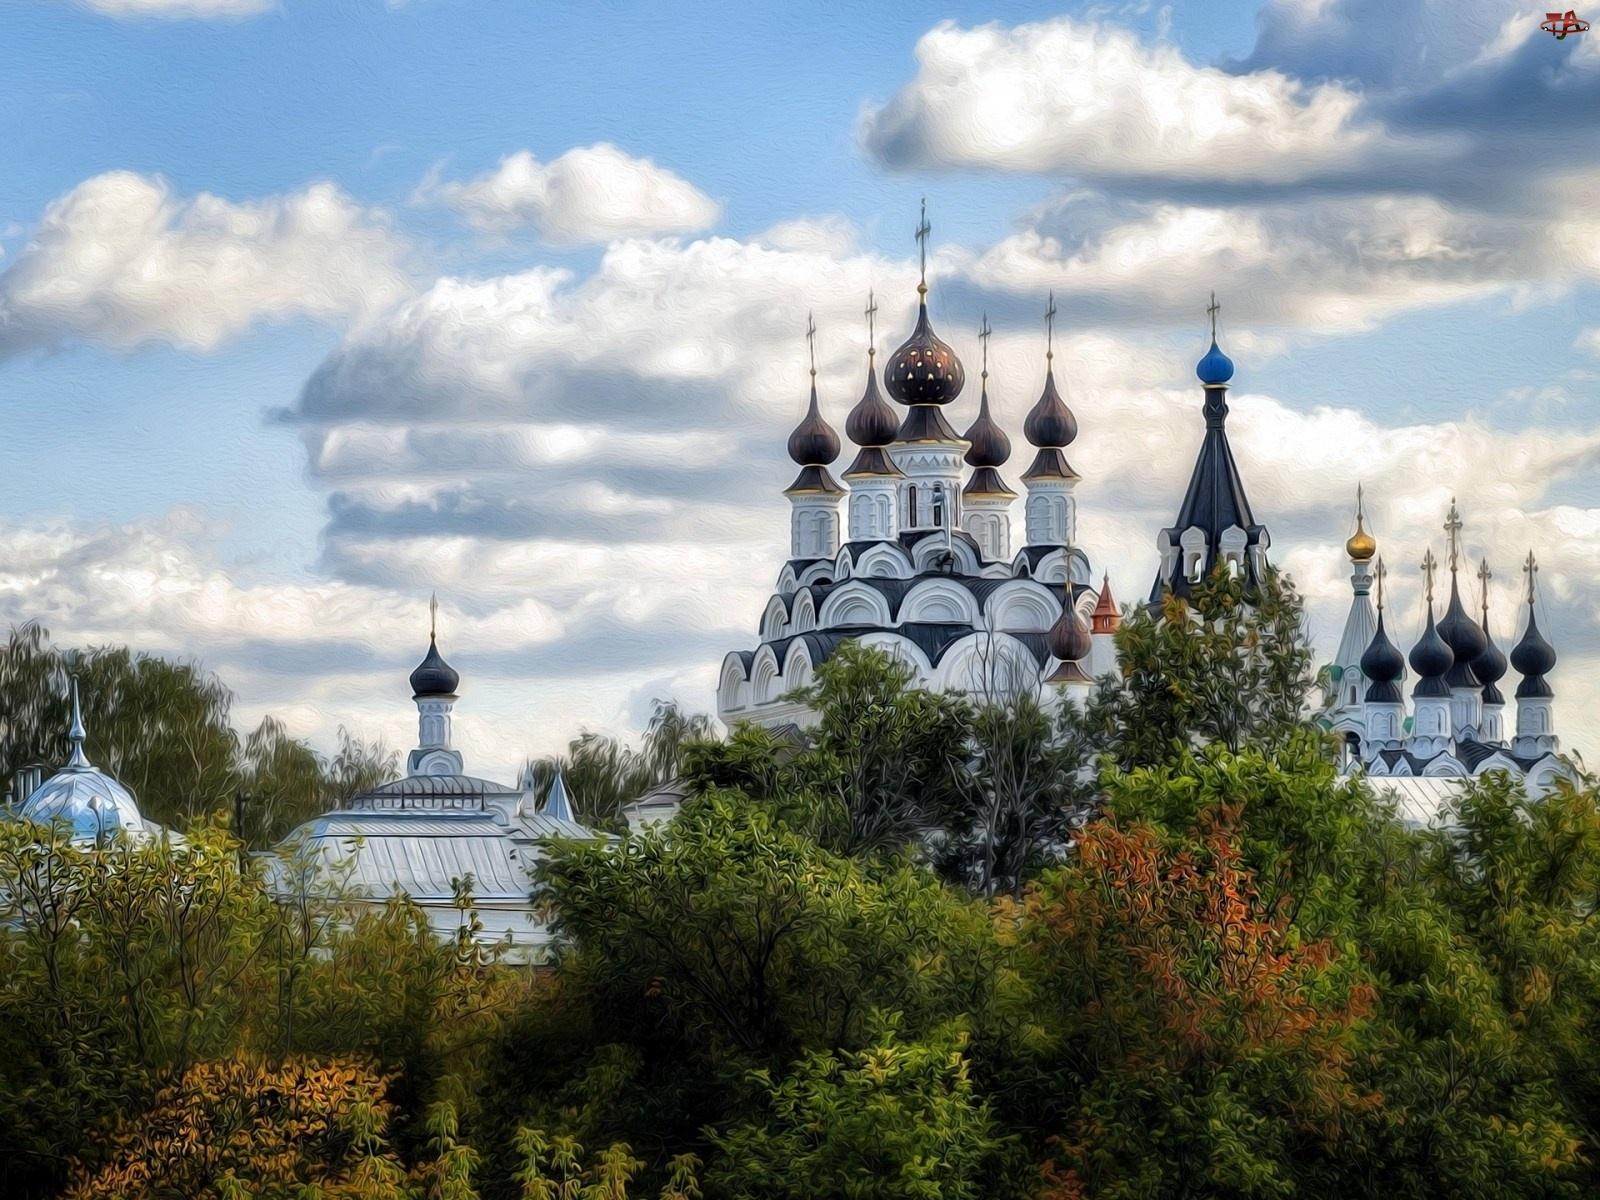 Cerkiew, Art, Chmury, Zieleń